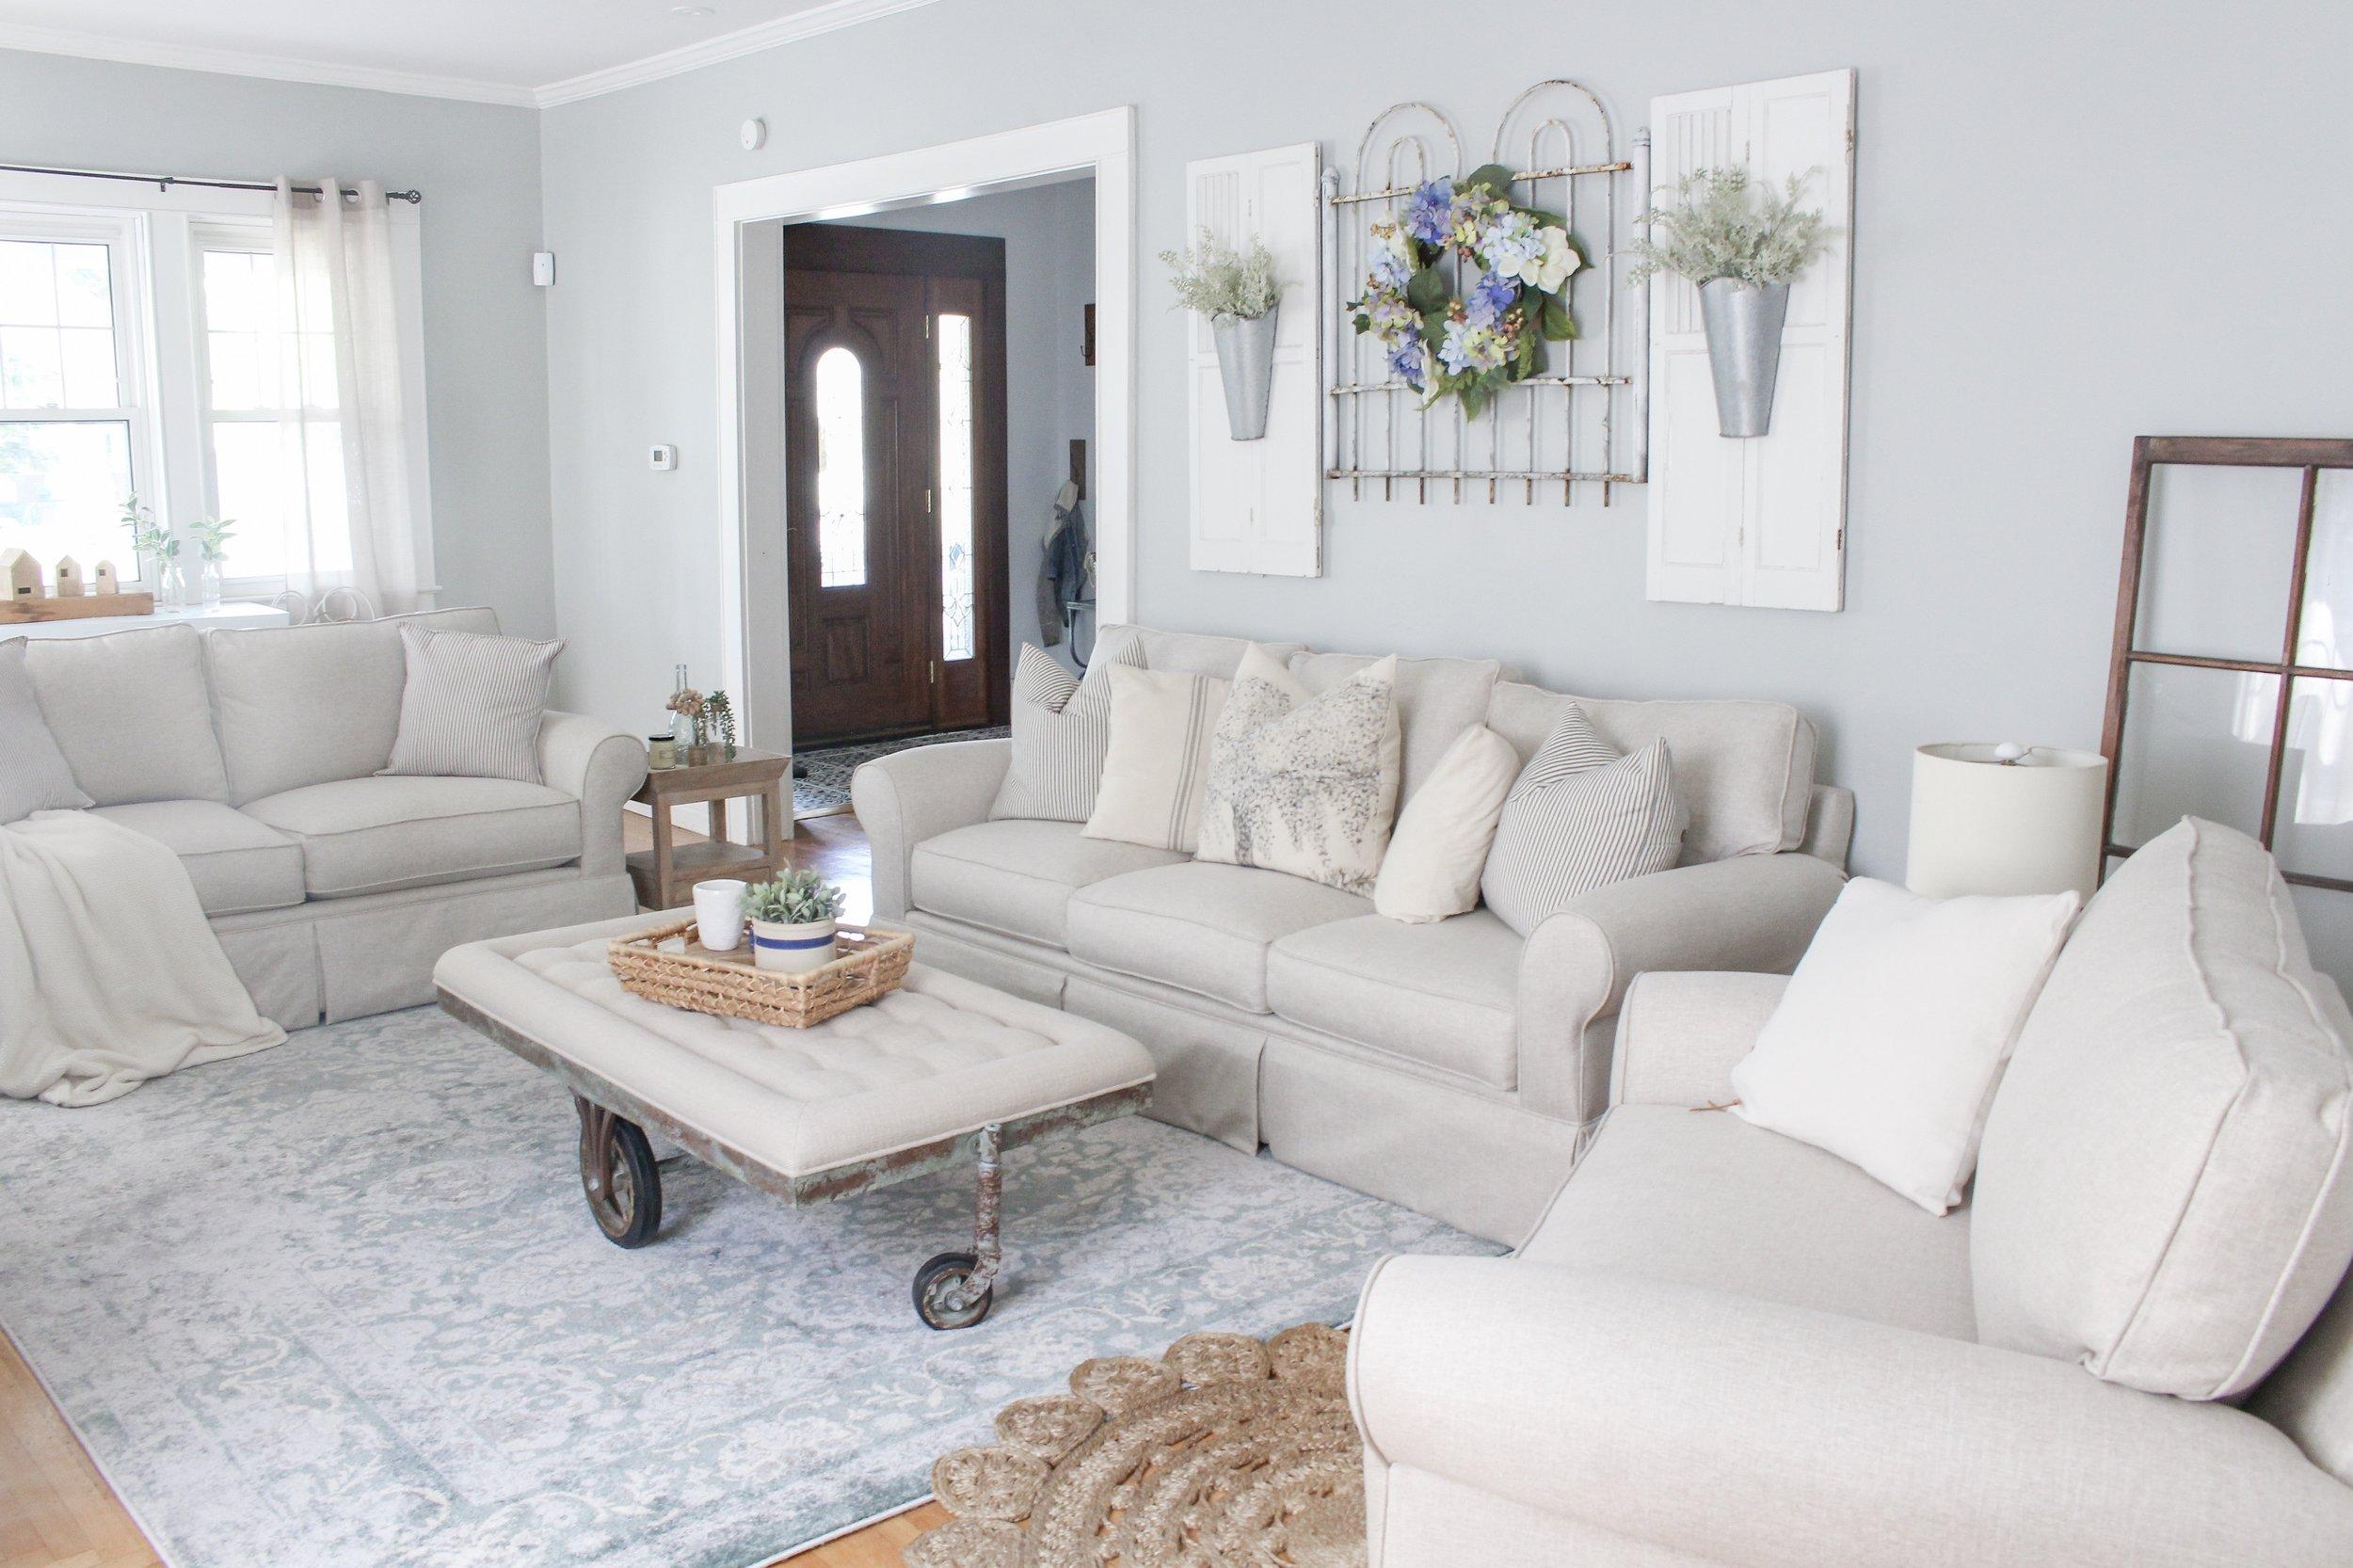 Full View Living Room